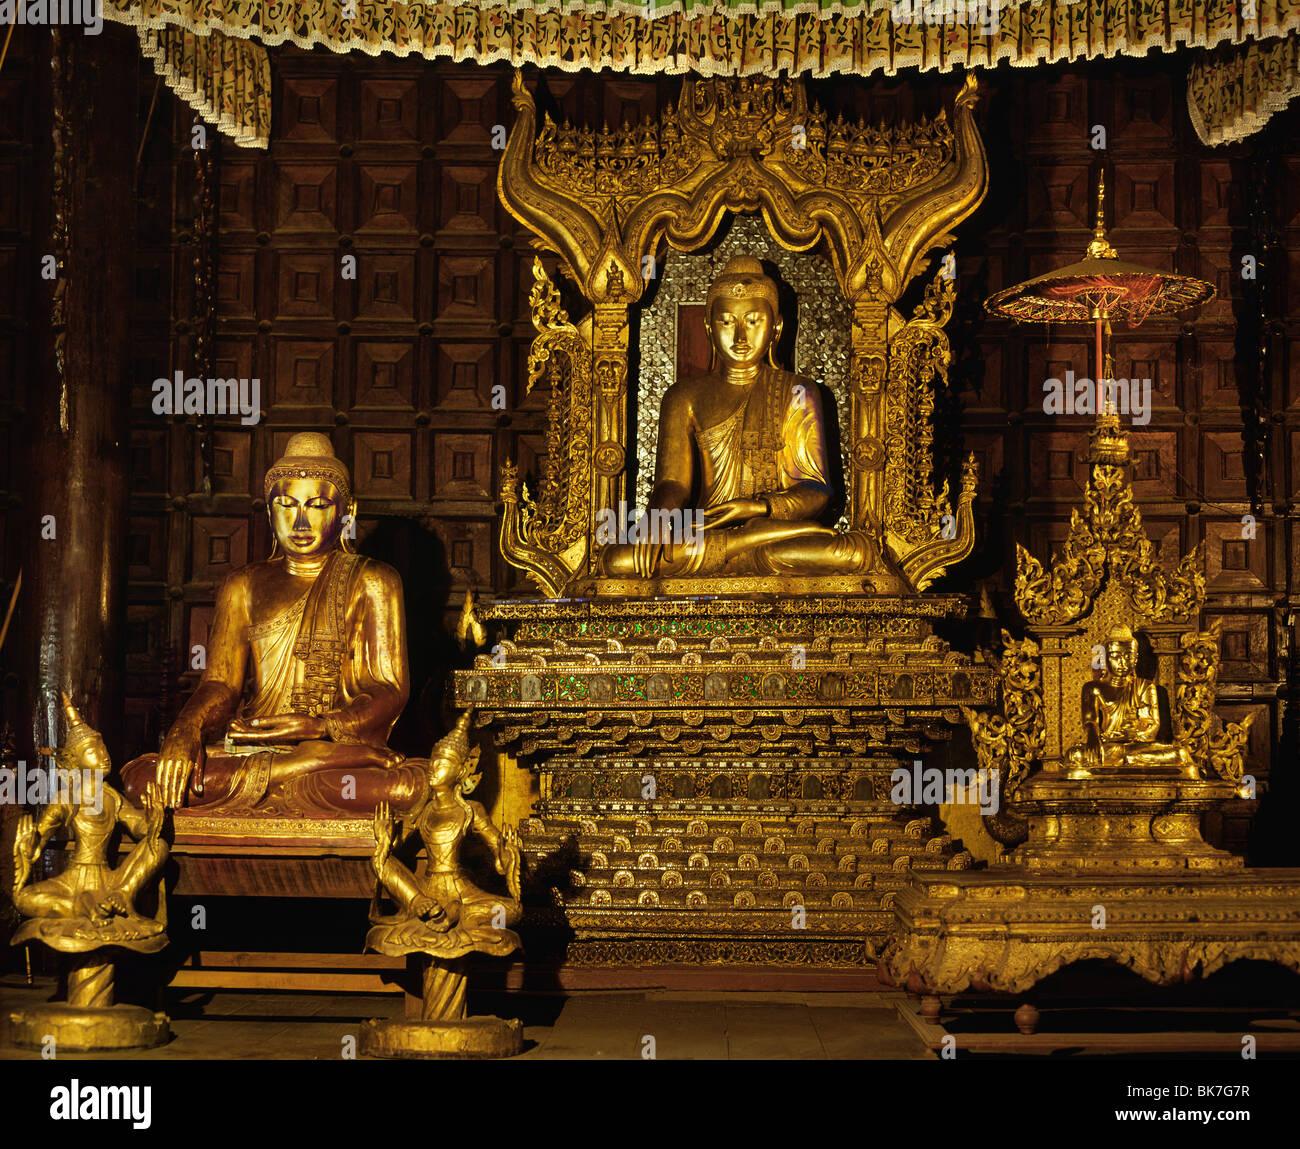 Buddhastatuen aus Mandalay Spätzeit in Shwe In Bin Kloster, Mandalay, Myanmar (Burma), Asien Stockbild